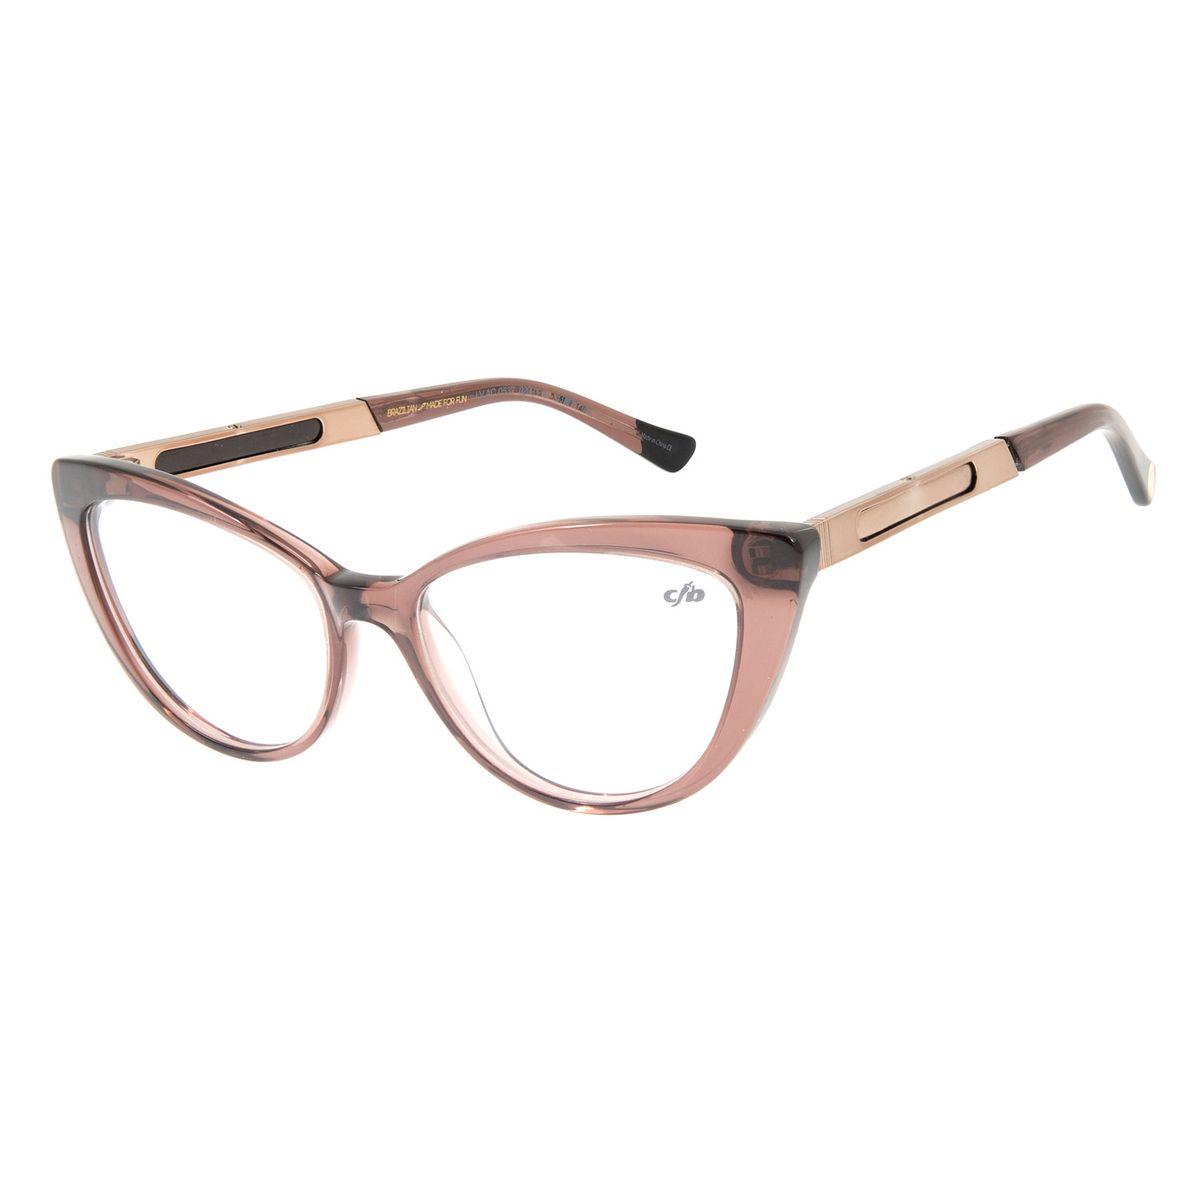 f2e9e9333 Armação Para Óculos de Grau Feminino Chilli Beans 2 em 1 Flip ...